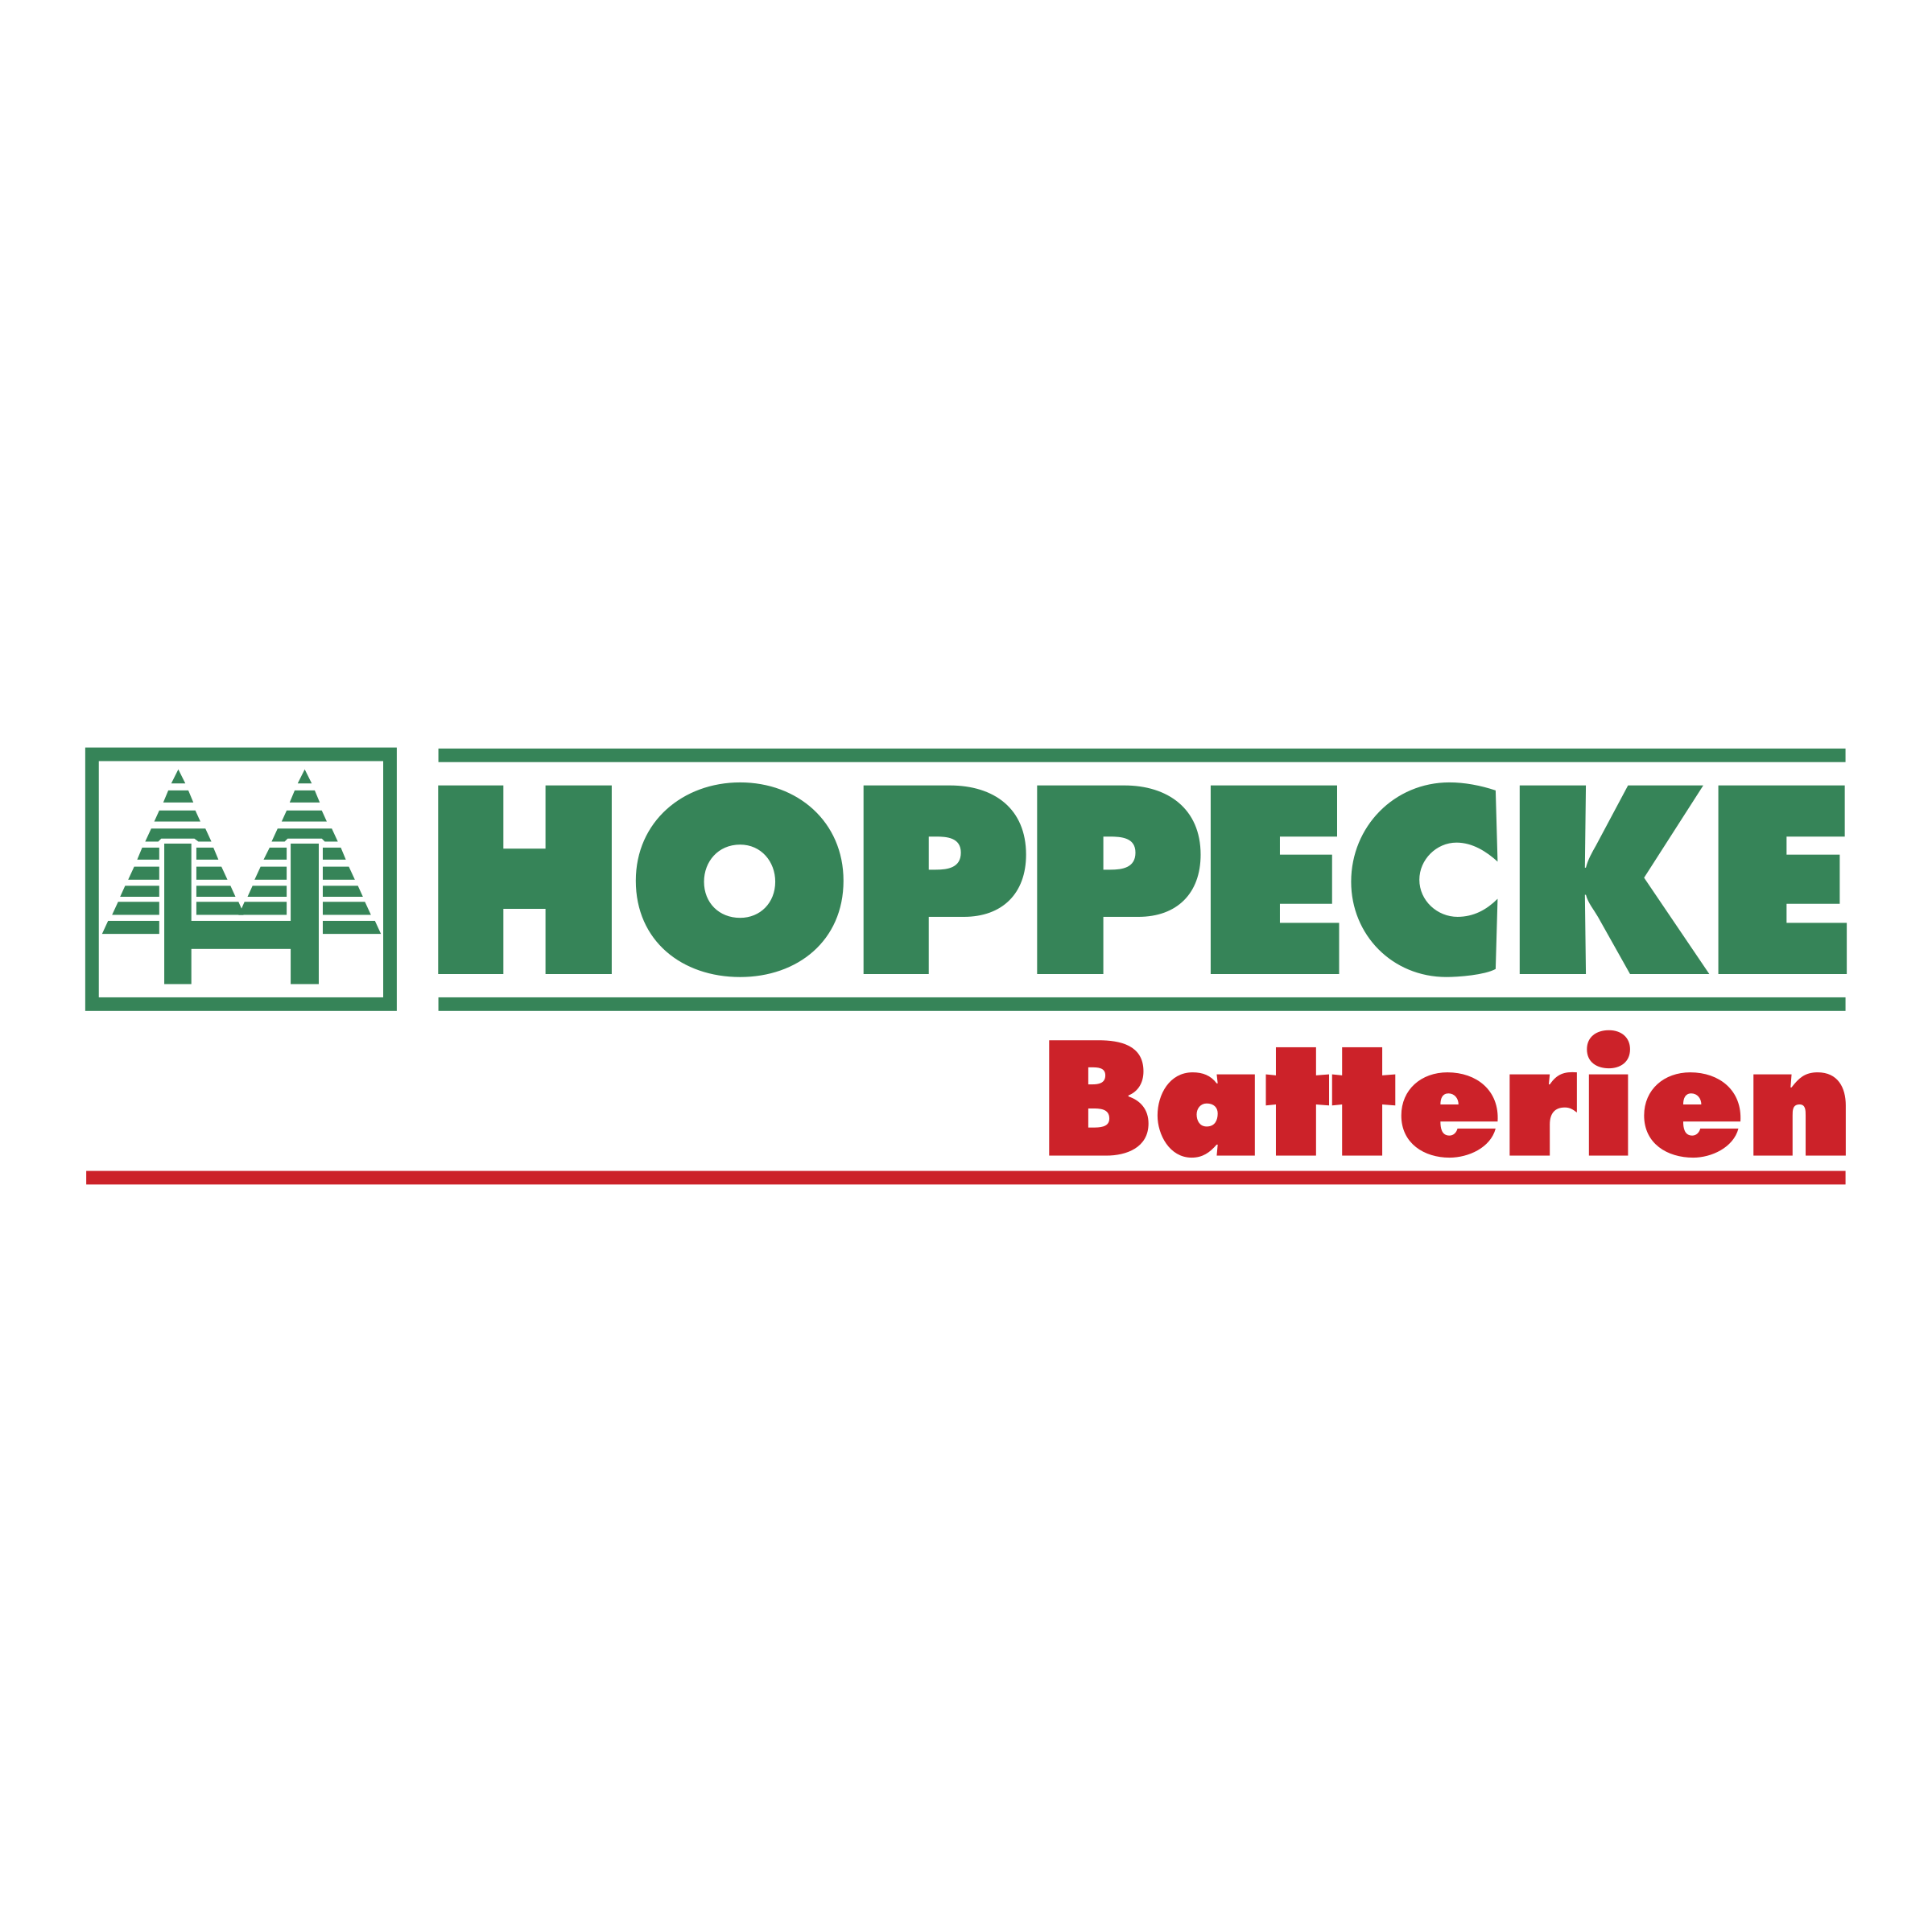 Hoppecke